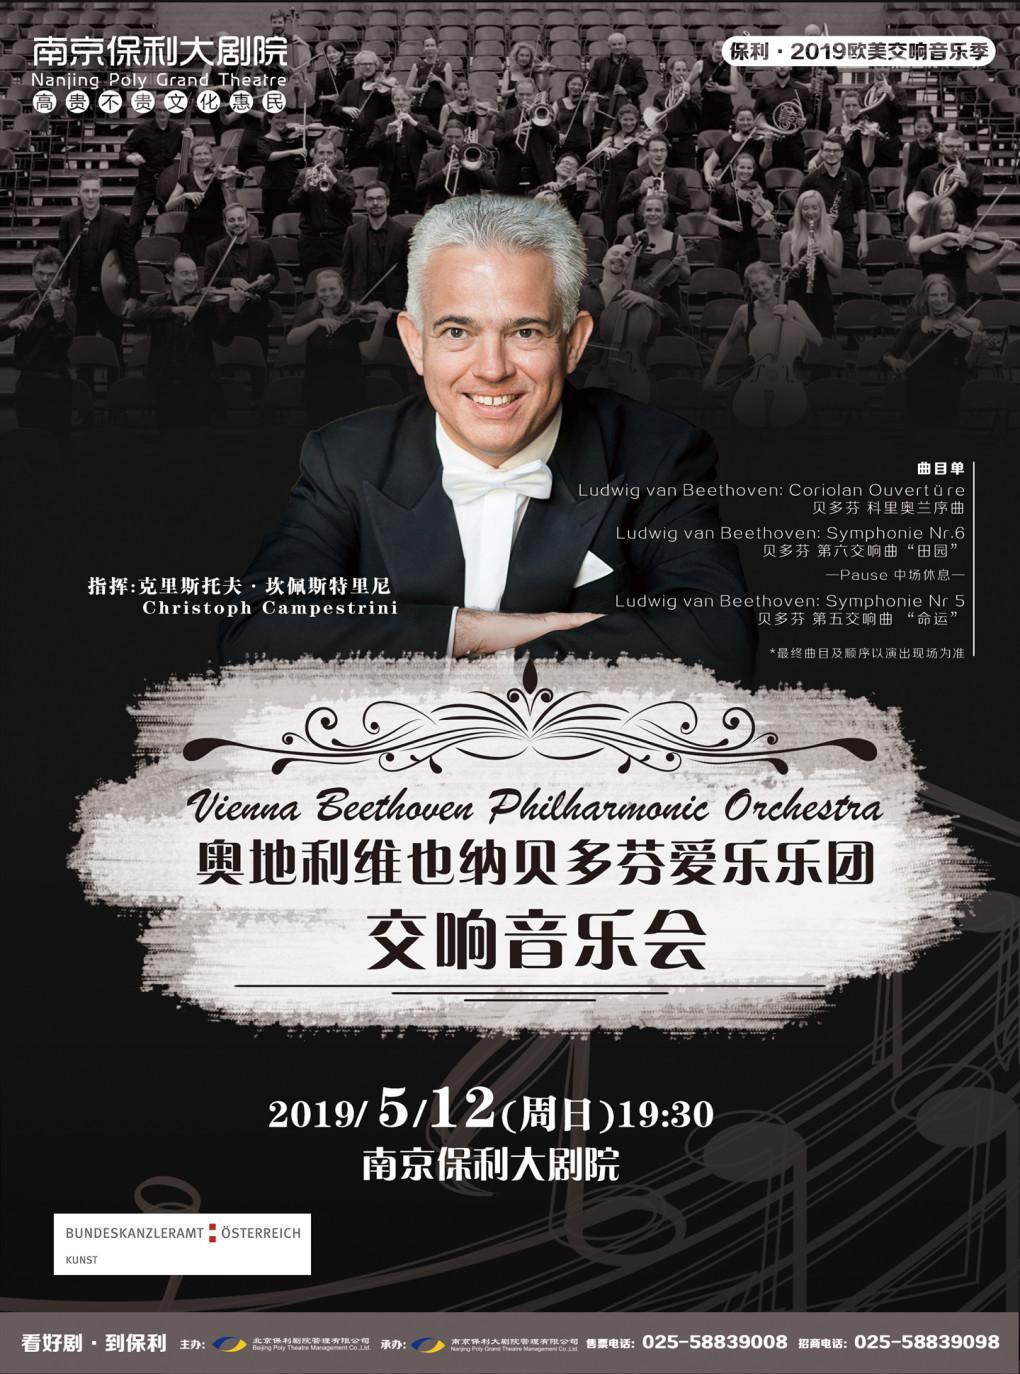 奥地利维也纳贝多芬爱乐乐团交响音乐会